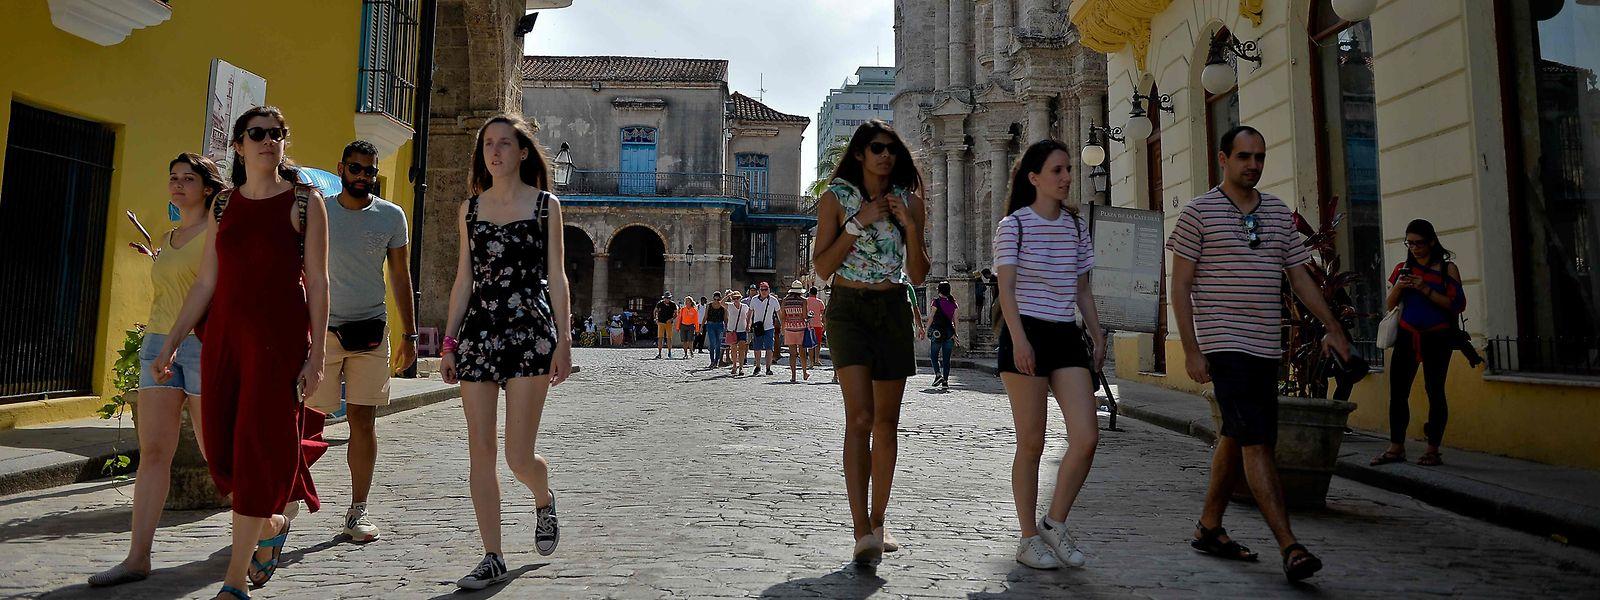 Unter Trump haben sich die Beziehungen zwischen den Vereinigten Staaten und Kuba abrupt wieder verschlechtert.